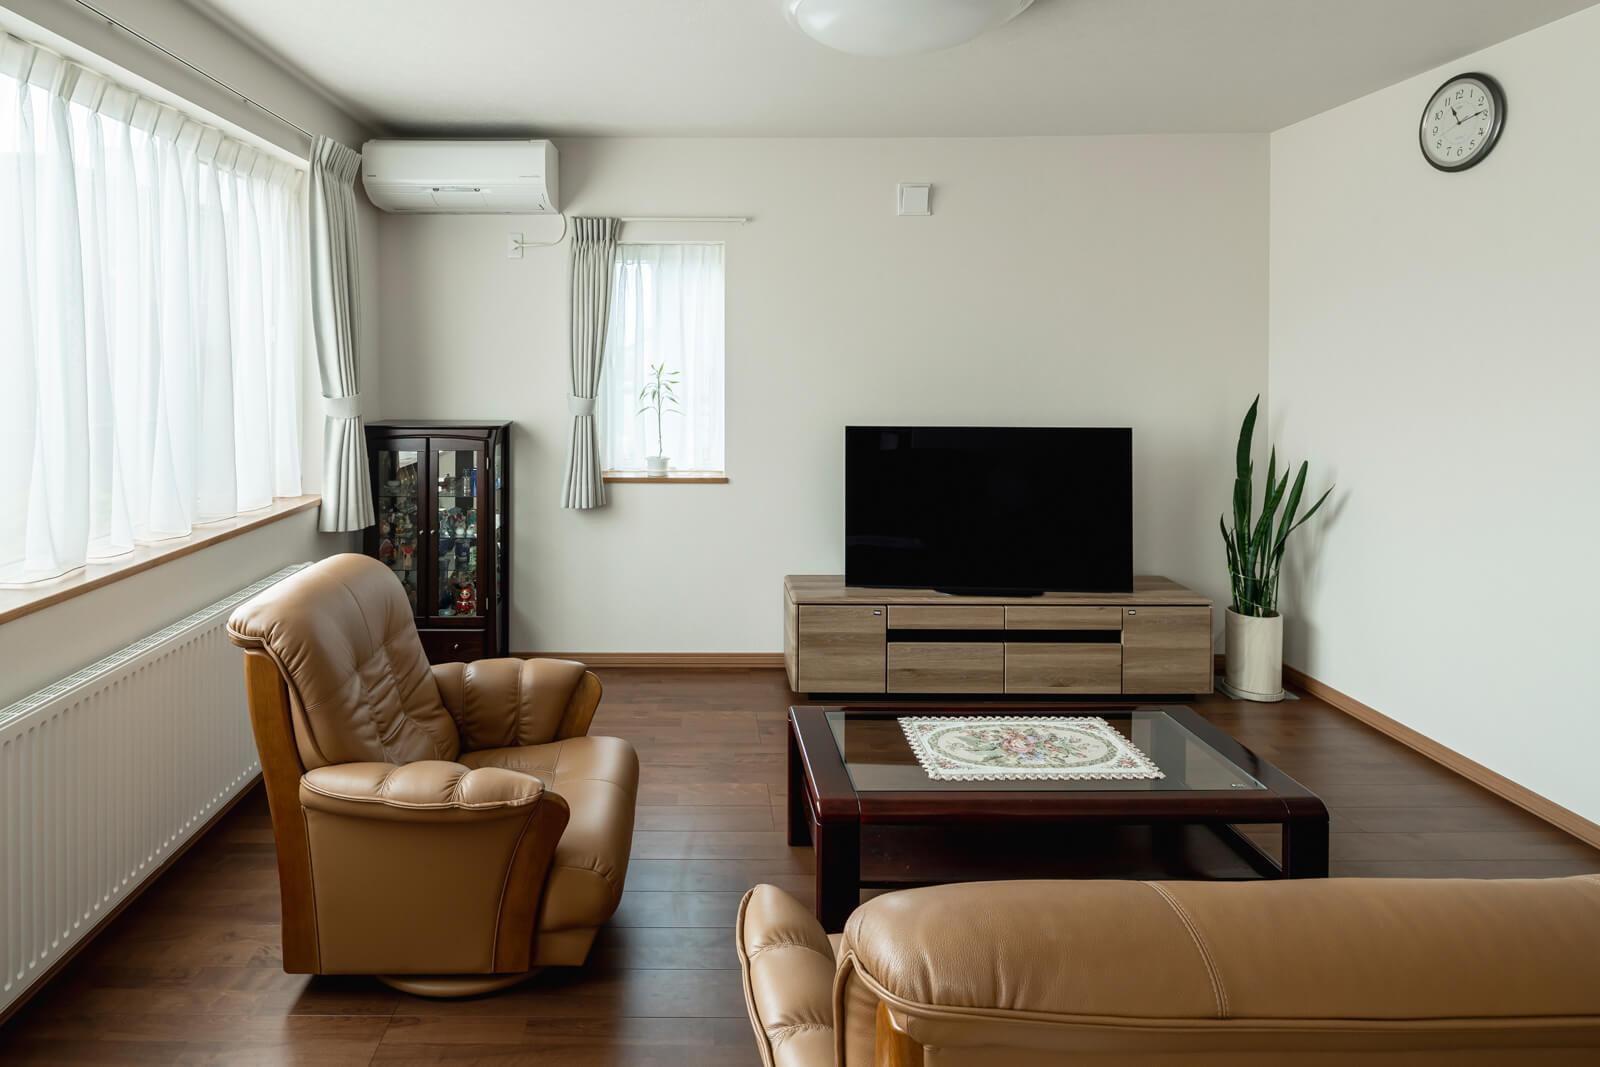 大きな開口からの光が心地よい、やわらかな雰囲気のリビング。「RC造だけれど、木造のような雰囲気も魅力ですね」というKさん。ウベハウス東日本では、床下も木を張り巡らせてから床材を敷いているため、木造住宅と同じような仕上がりになっている